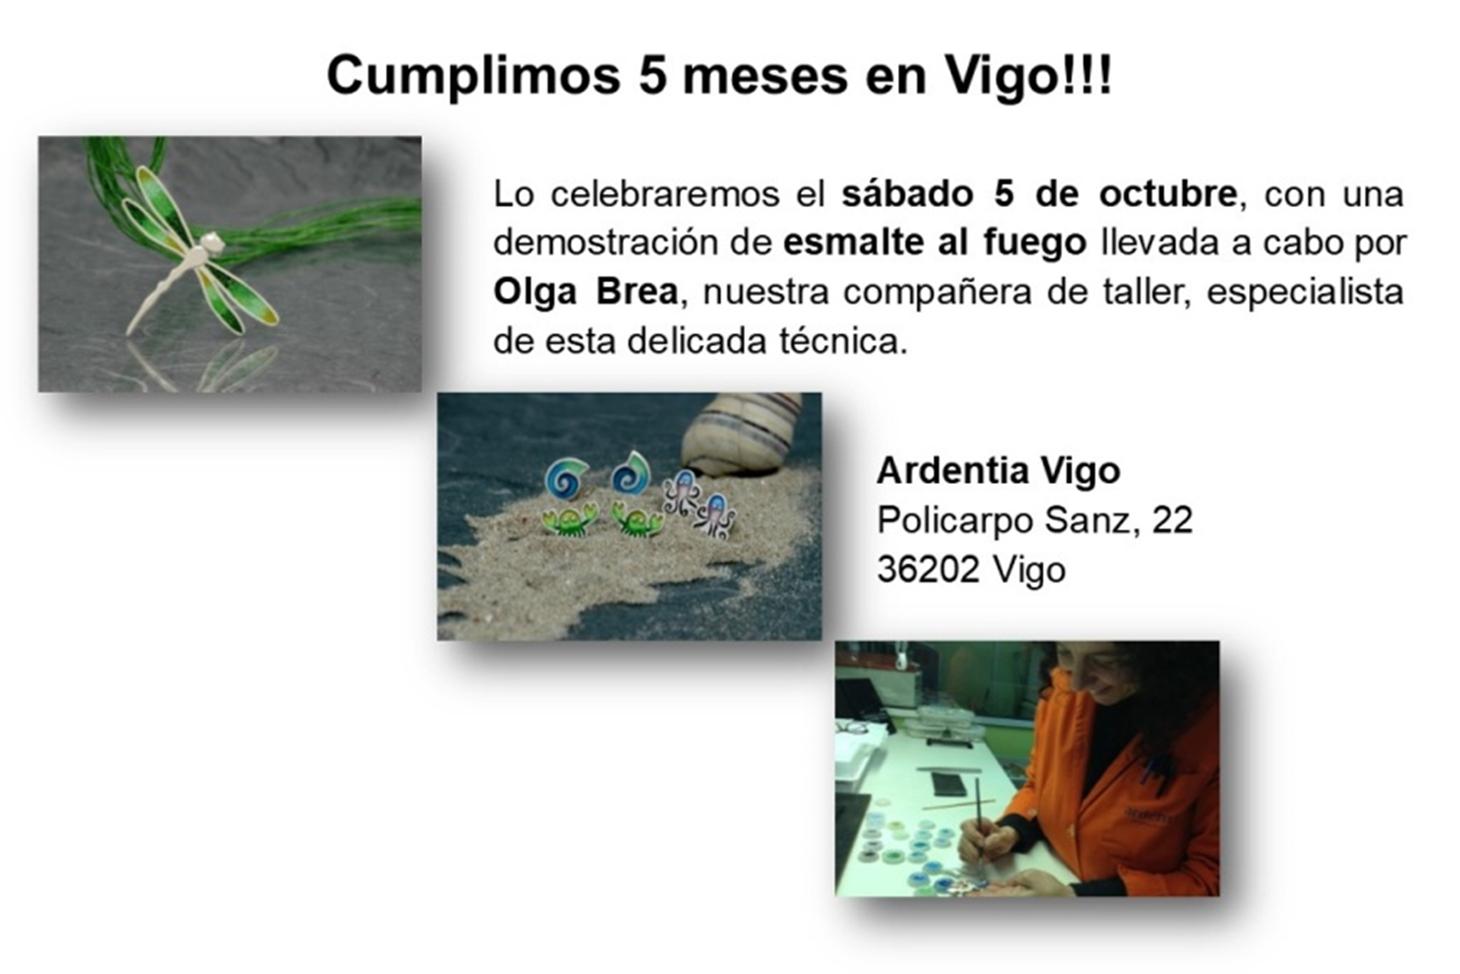 Celebramos nuestros 5 meses en Vigo con una demostración de esmalte al fuego